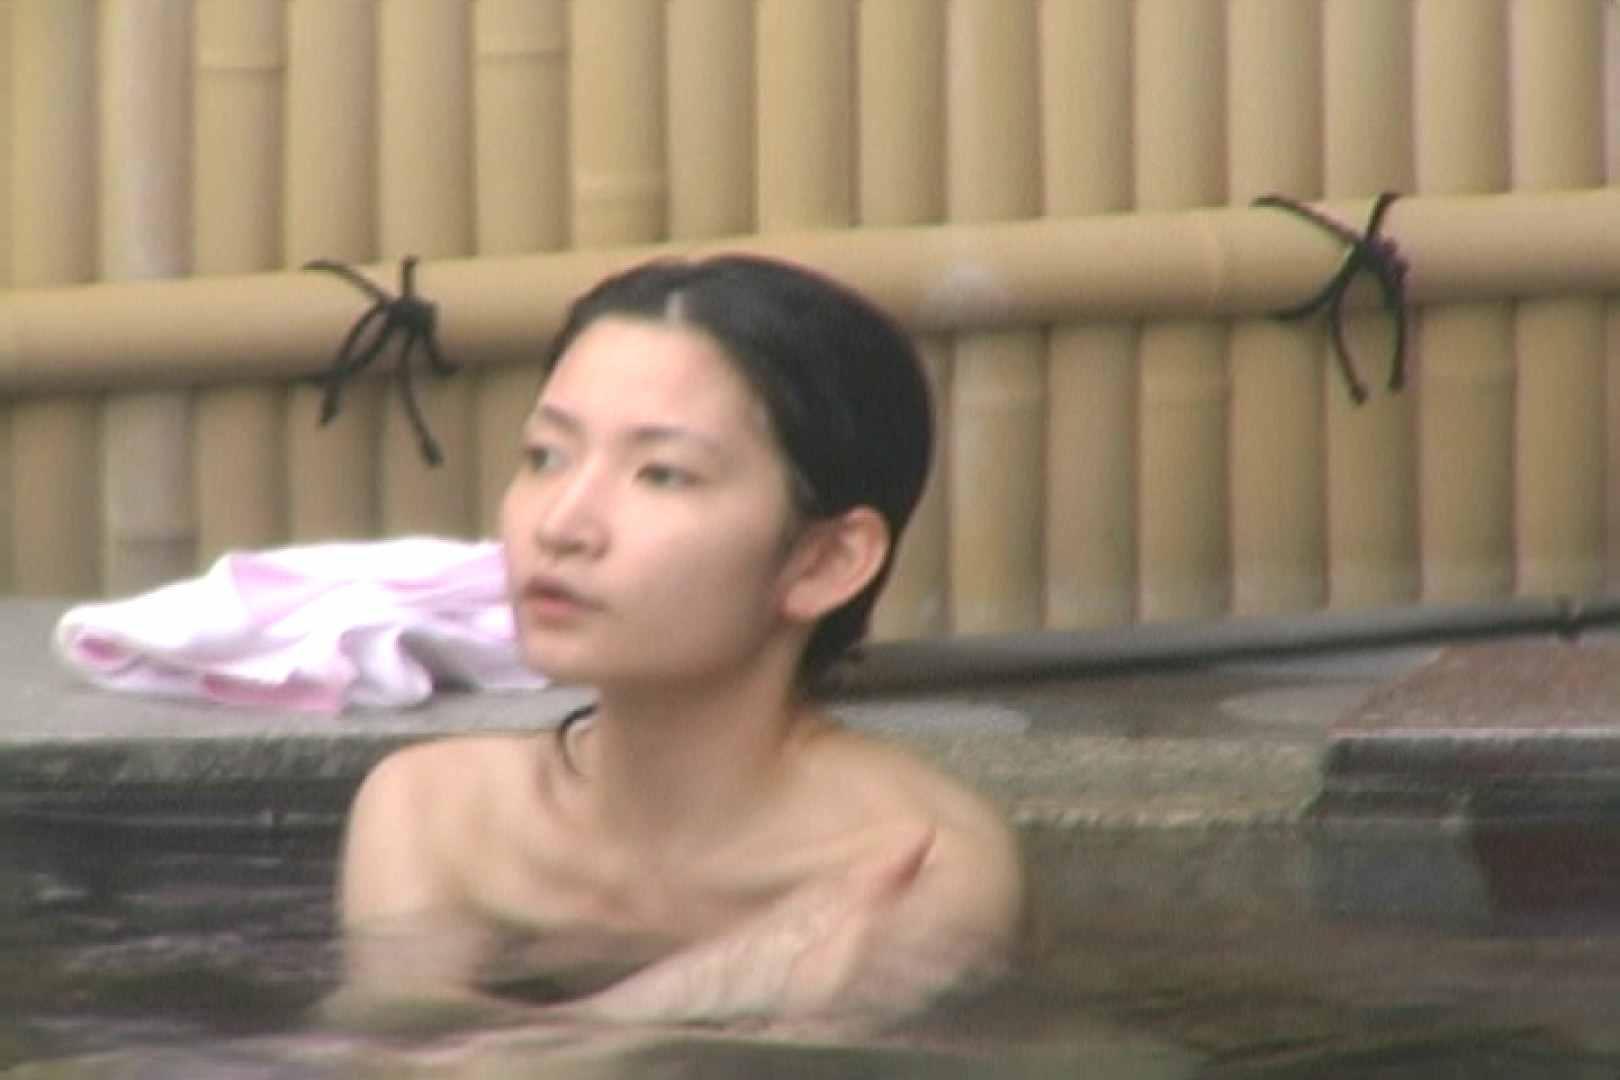 Aquaな露天風呂Vol.637 美しいOLの裸体   盗撮師作品  81pic 1